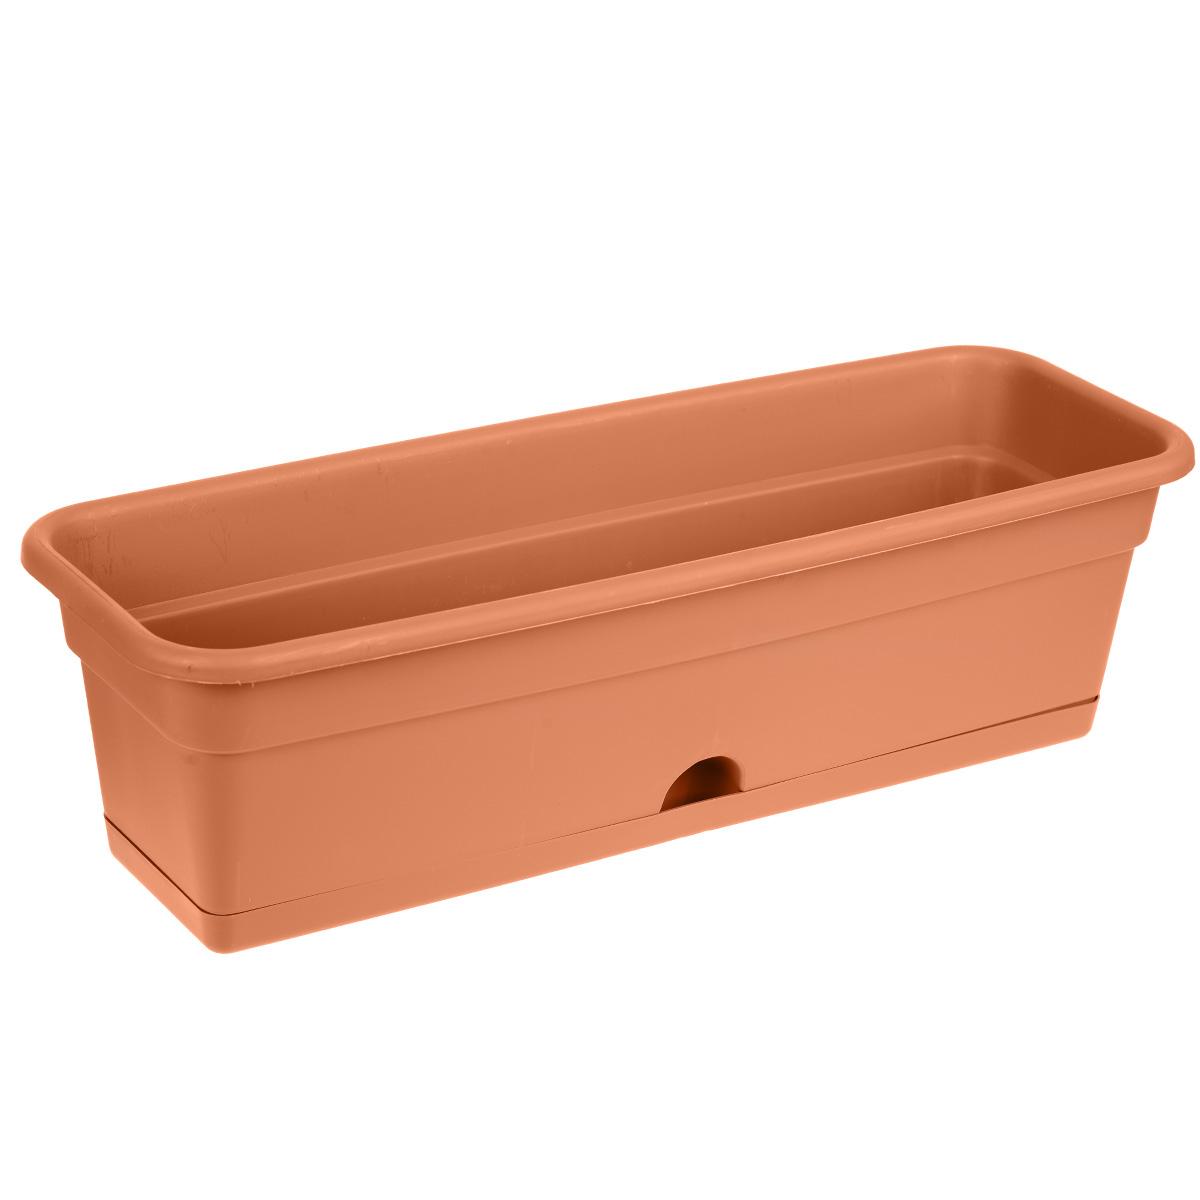 Балконный ящик Darel Plastic, с поддоном, цвет: терракотовый, 60 х 20 х 17 см ящик балконный santino 60 х 19 х 15 см